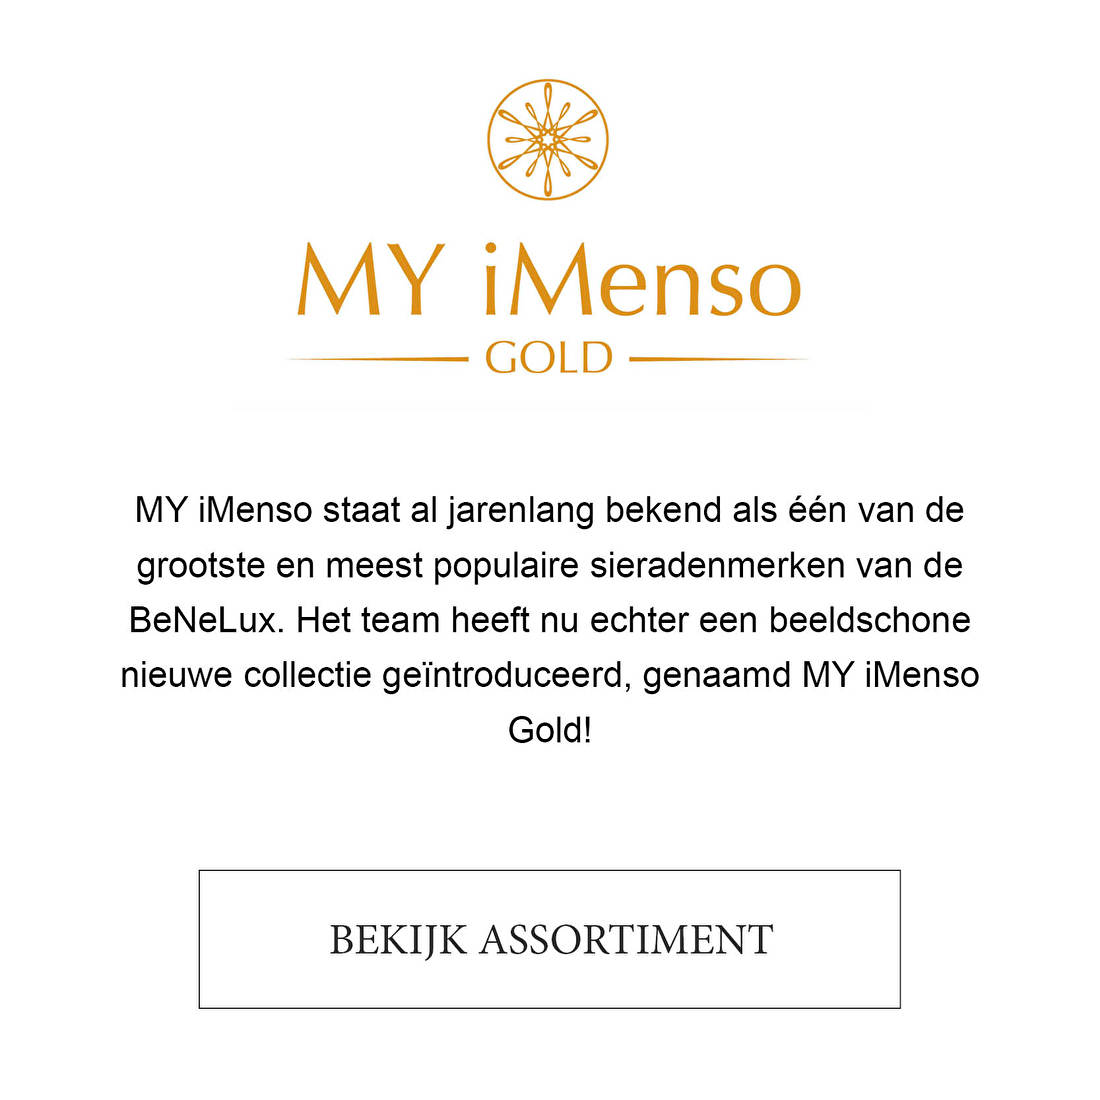 MY iMenso staat al jarenlang bekend als één van de grootste en meest populaire sieradenmerken van de BeNeLux. Het team heeft nu echter een beeldschone nieuwe collectie geïntroduceerd, genaamd MY iMenso Gold!